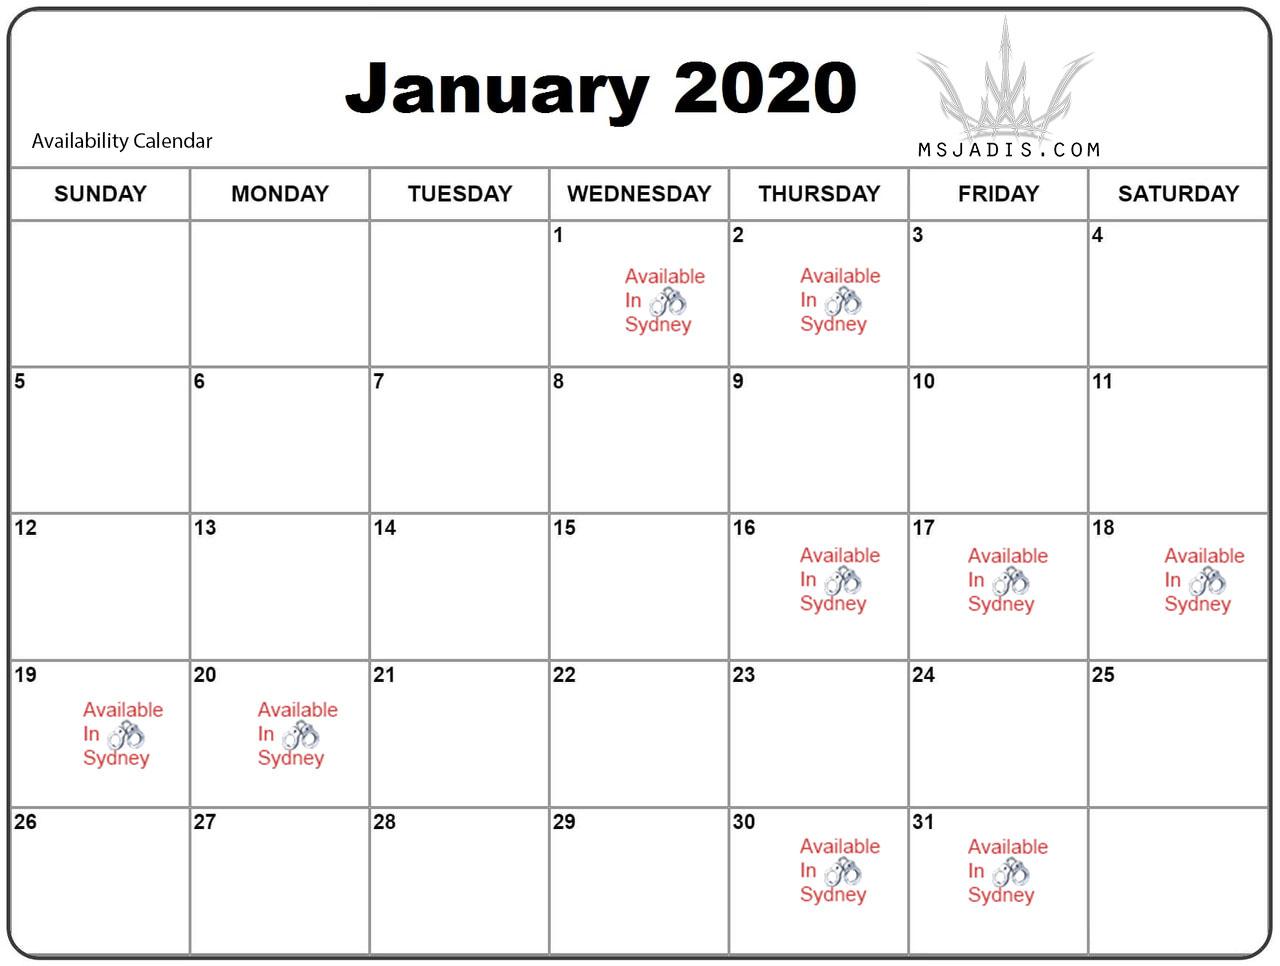 Mistress Jadis January Availability